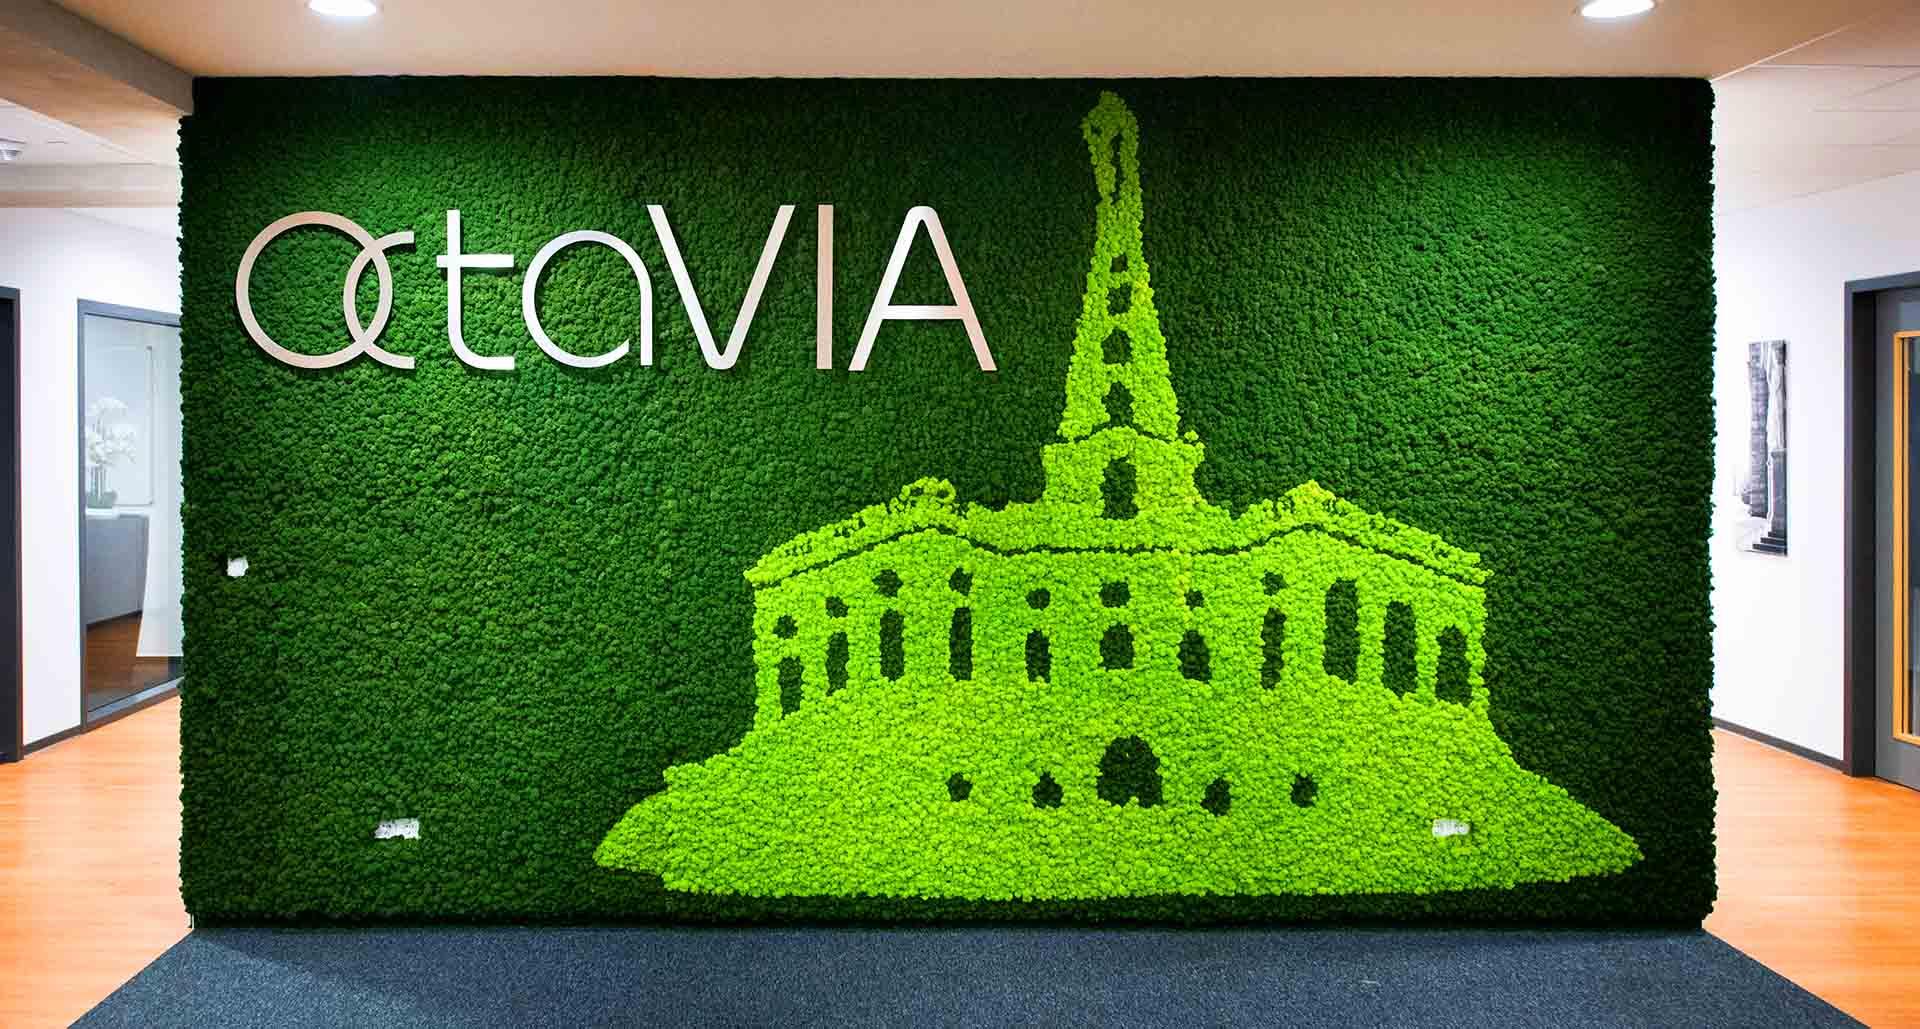 Mooswand aus Islandmoos mit Logo Octavia